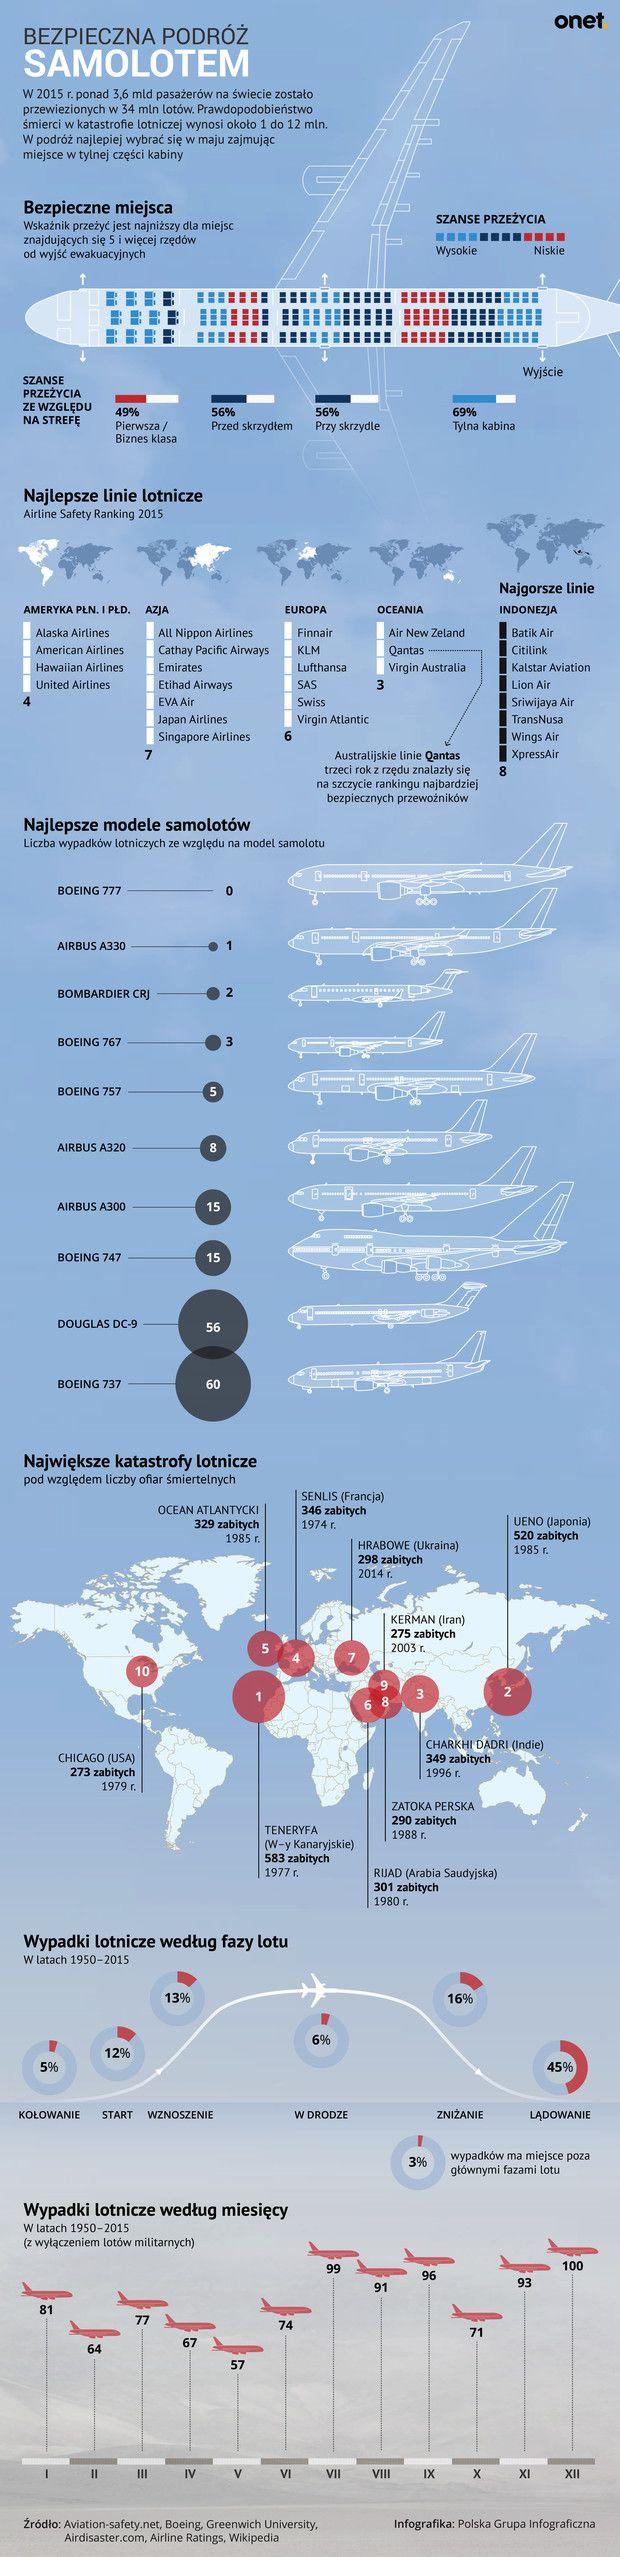 Bezpieczna podróż samolotem [INFOGRAFIKA]